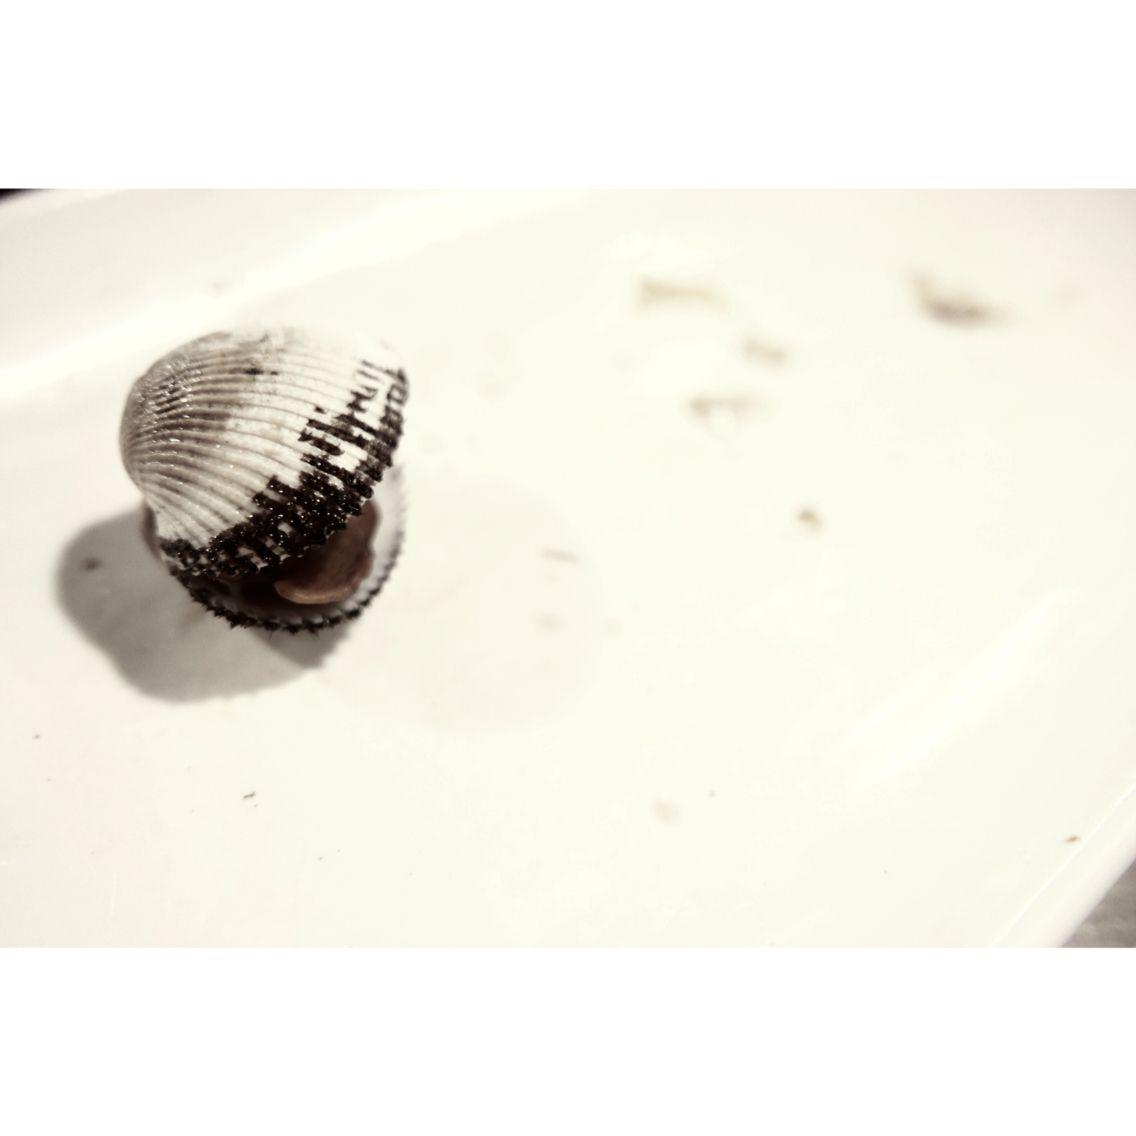 꼬막 #daily #leica #dlux #photograph #cockle #seafood #deemain #soju  #소주 #꼬막 #해산물 #회식 #데일리 #일상 #드망 #퇴근 #라이카디룩스